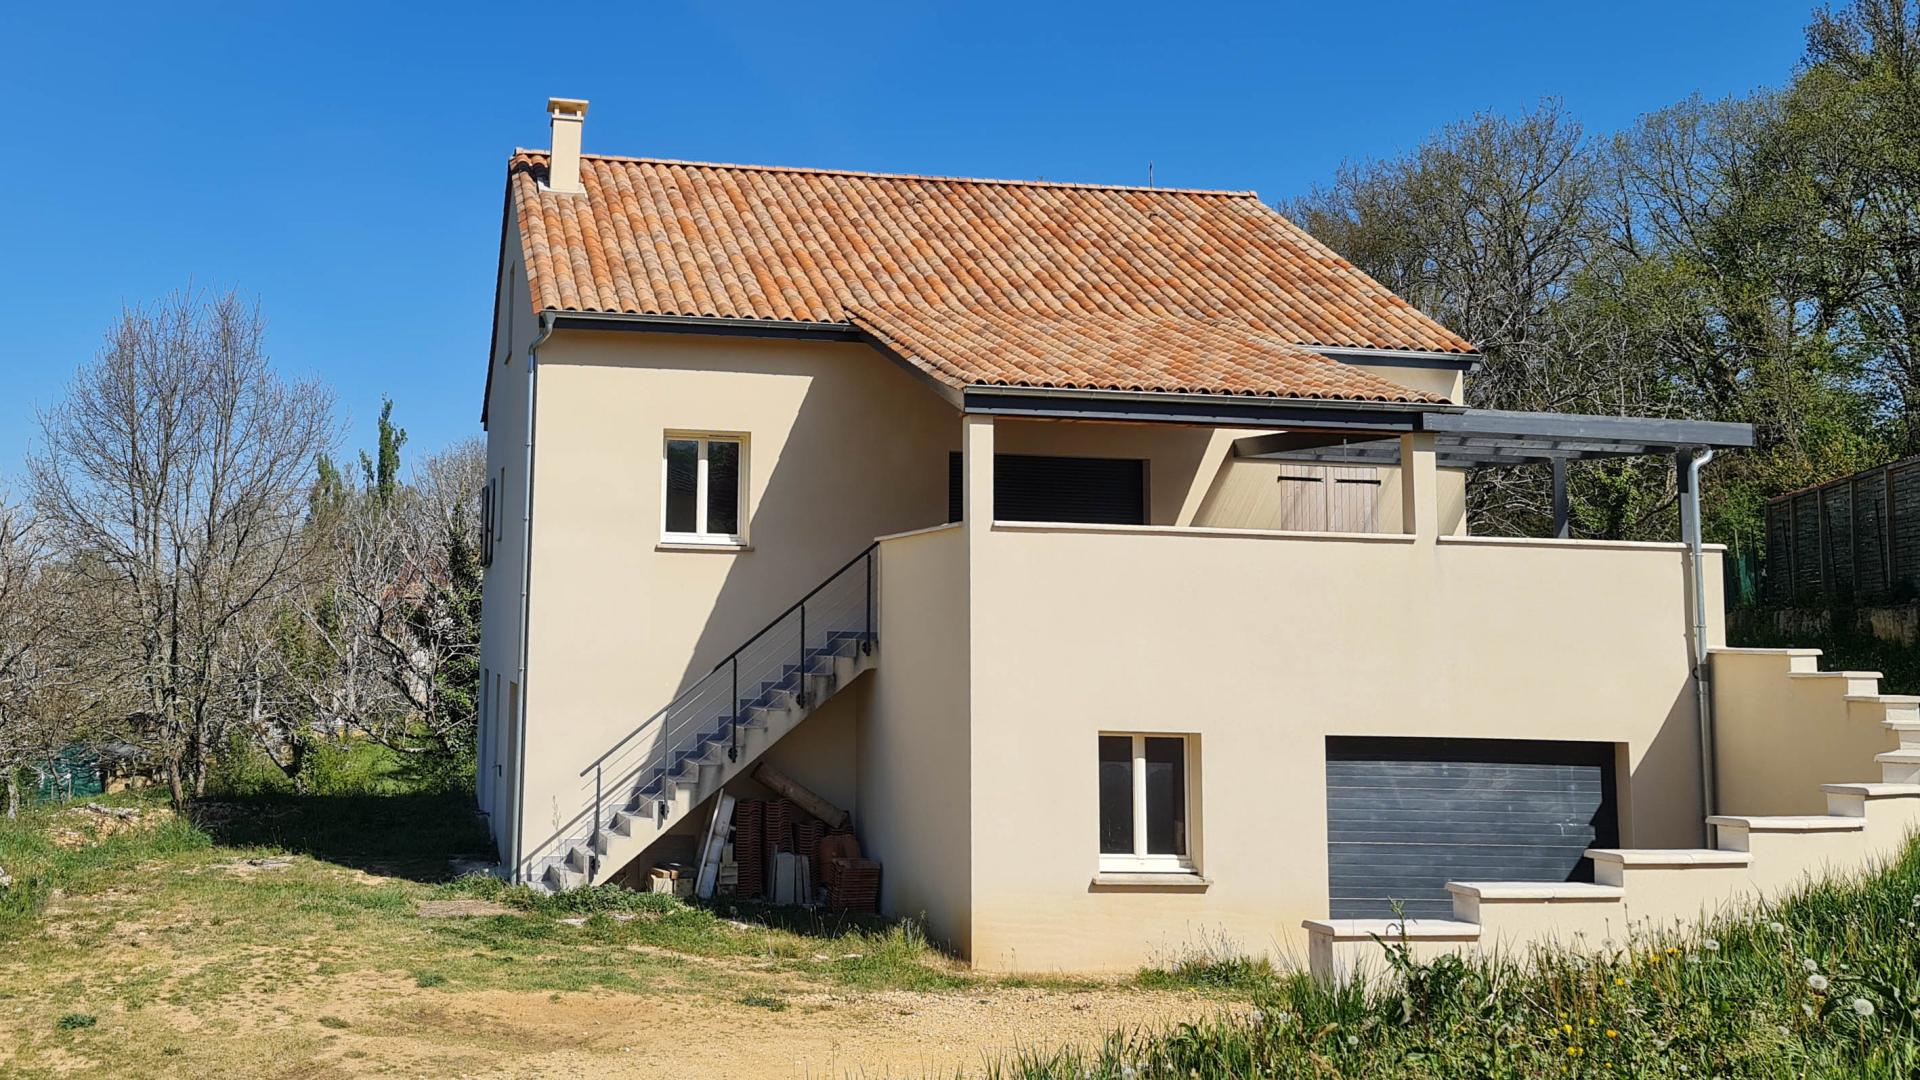 Immobilier Périgord. Maison neuve avec apt indépendant